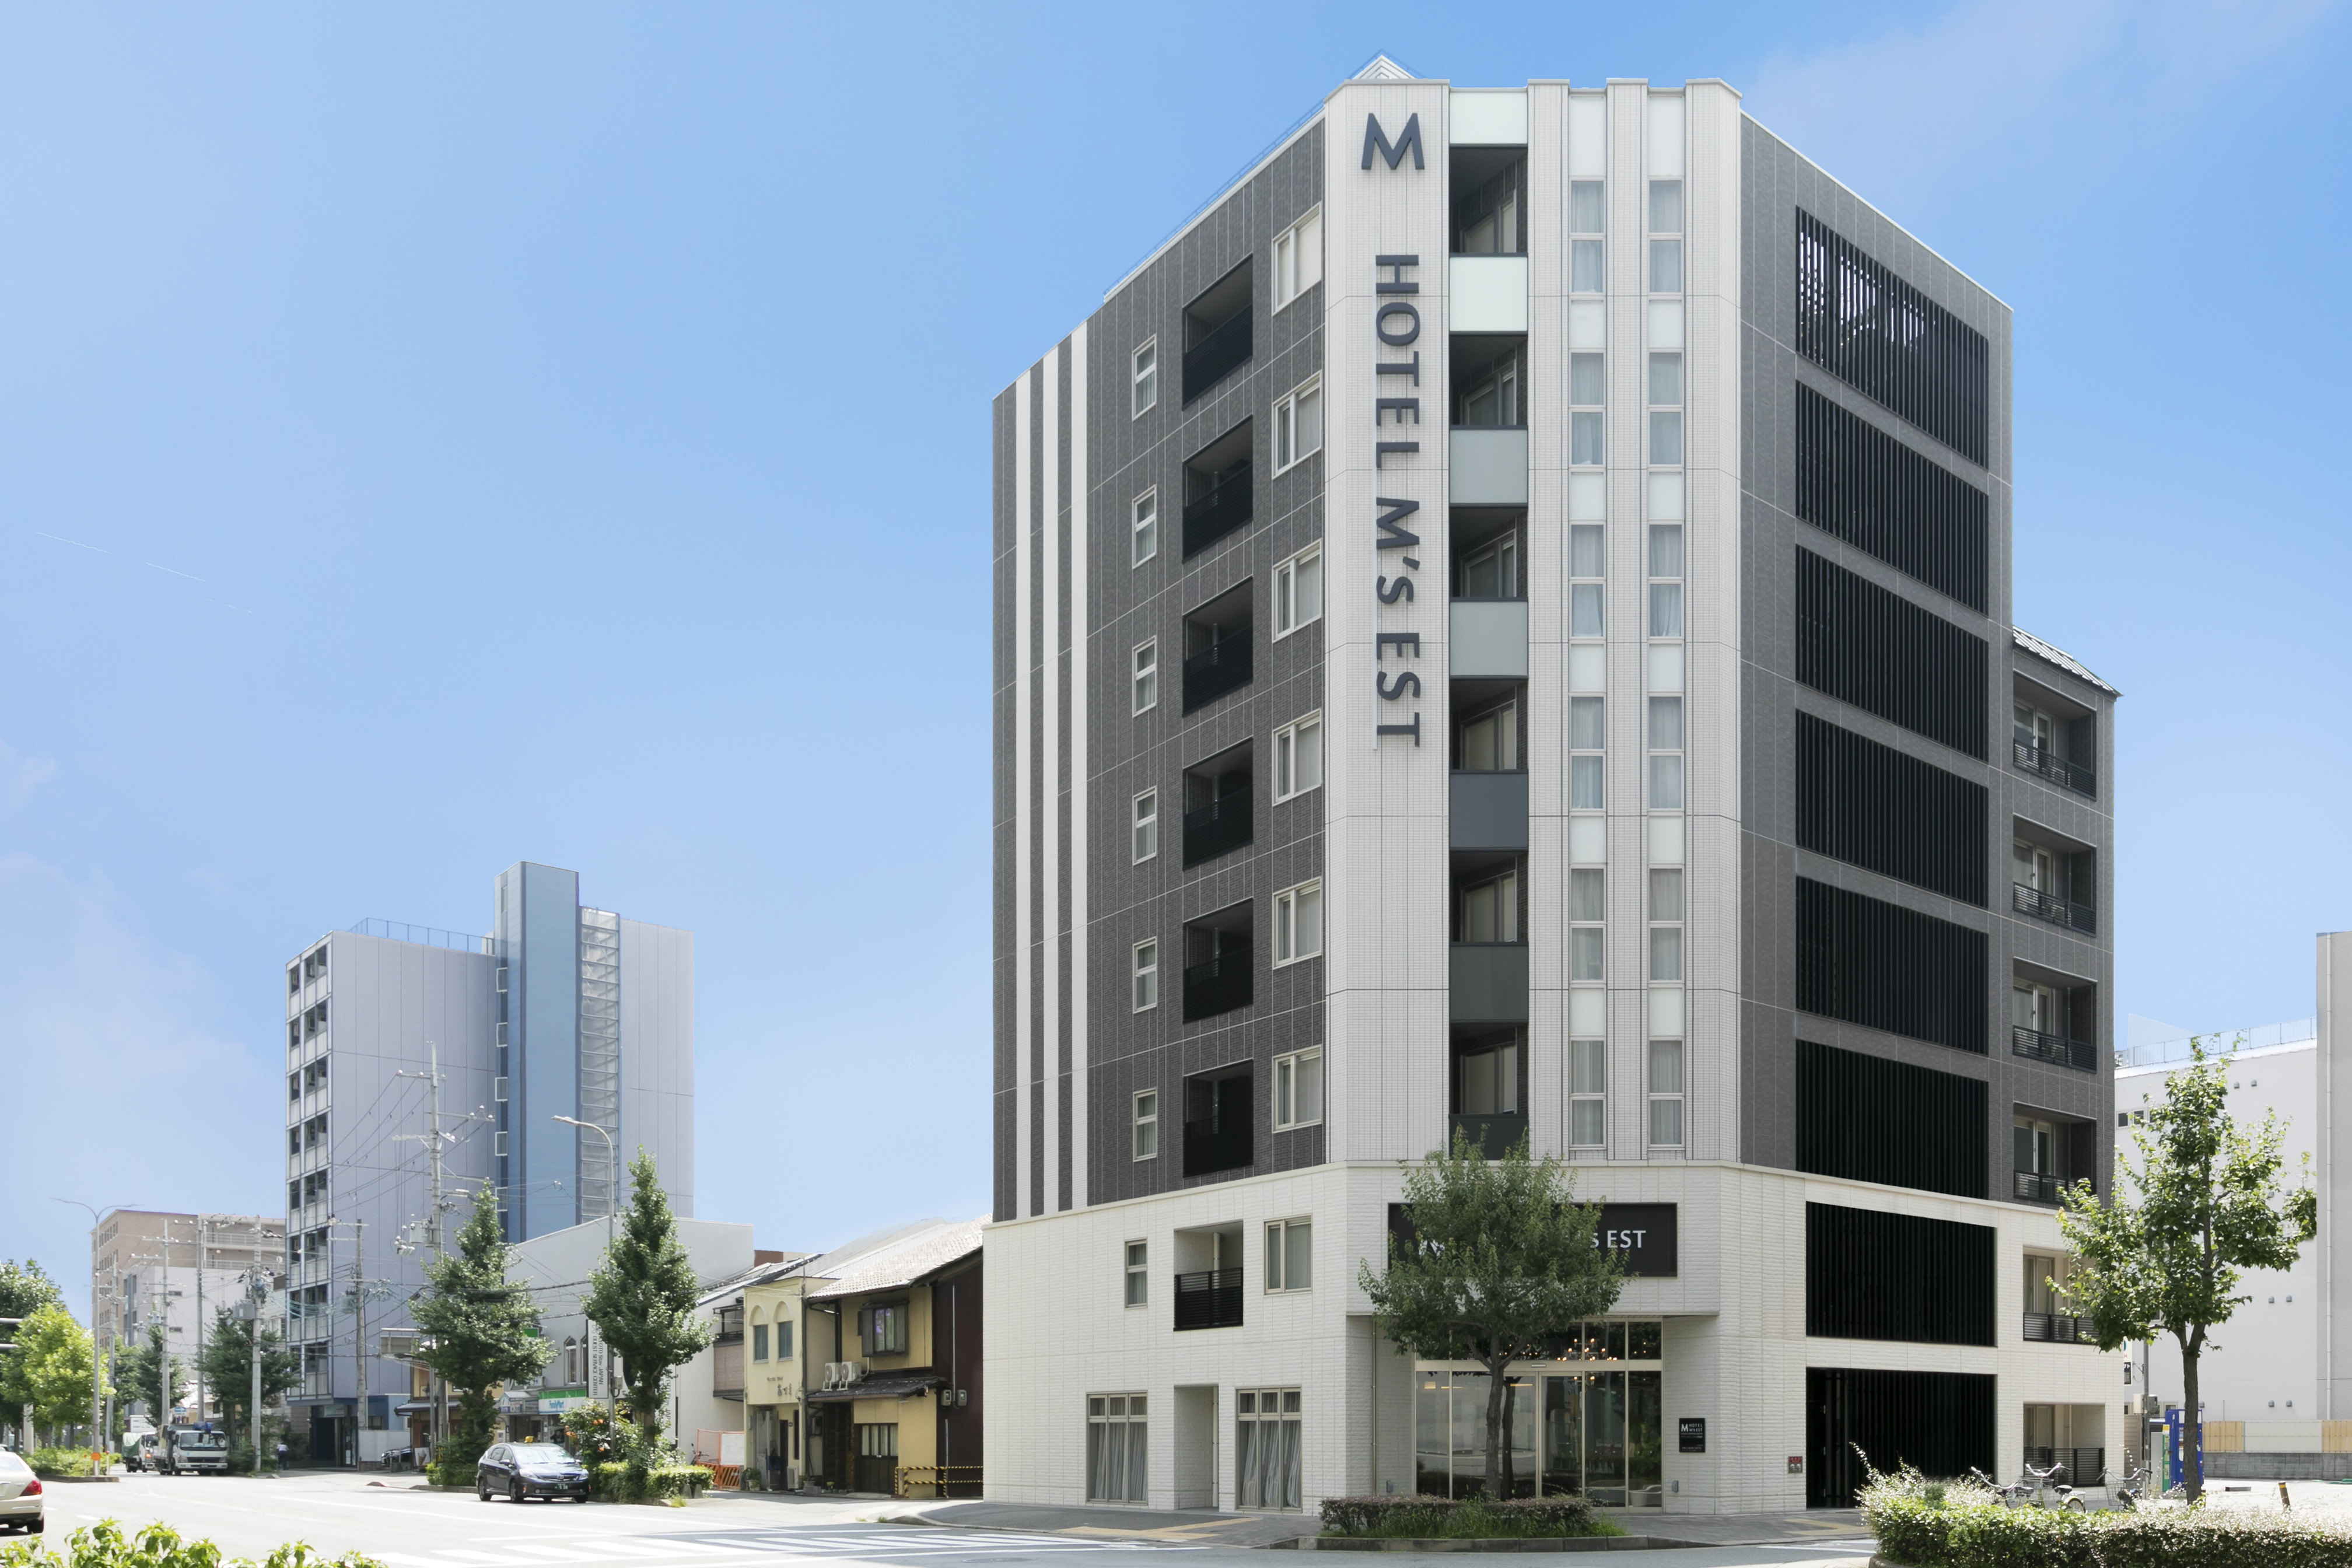 ホテル エムズ・エスト京都駅南